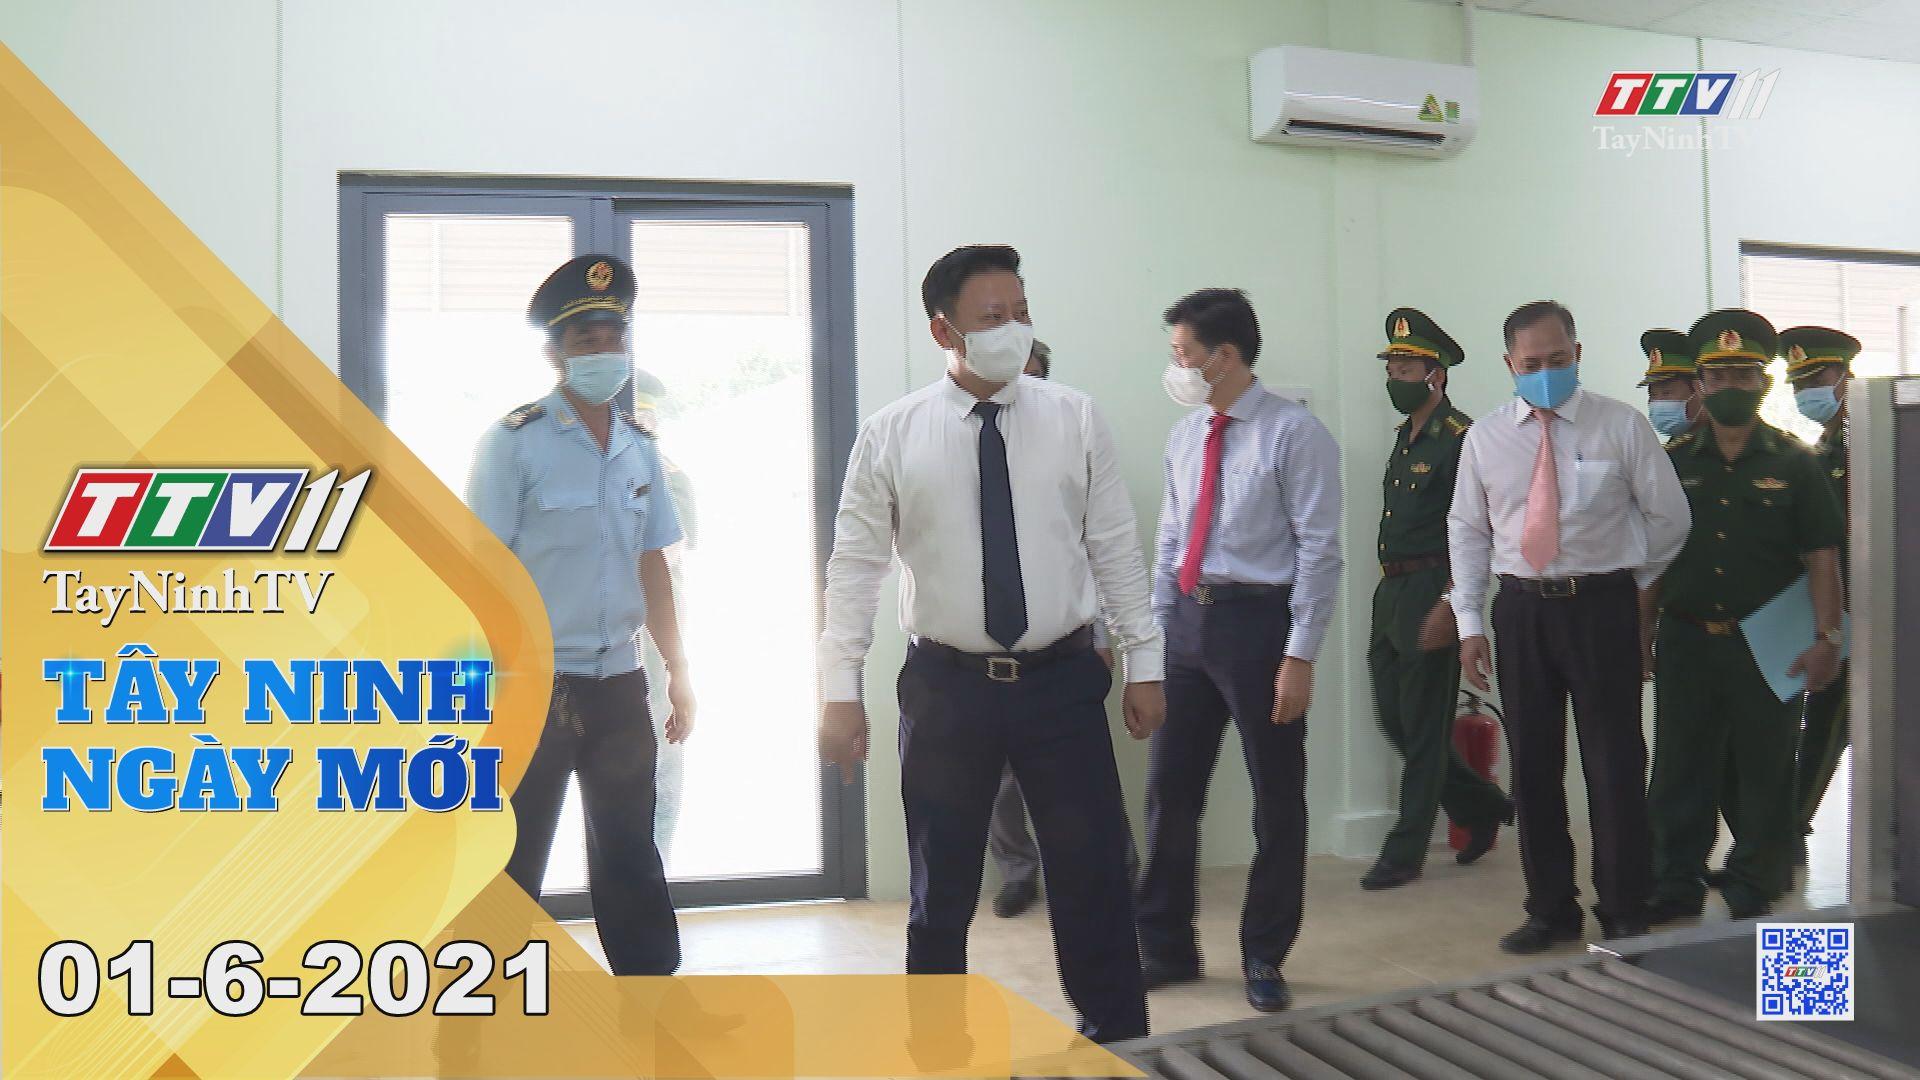 Tây Ninh Ngày Mới 01-6-2021 | Tin tức hôm nay | TayNinhTV